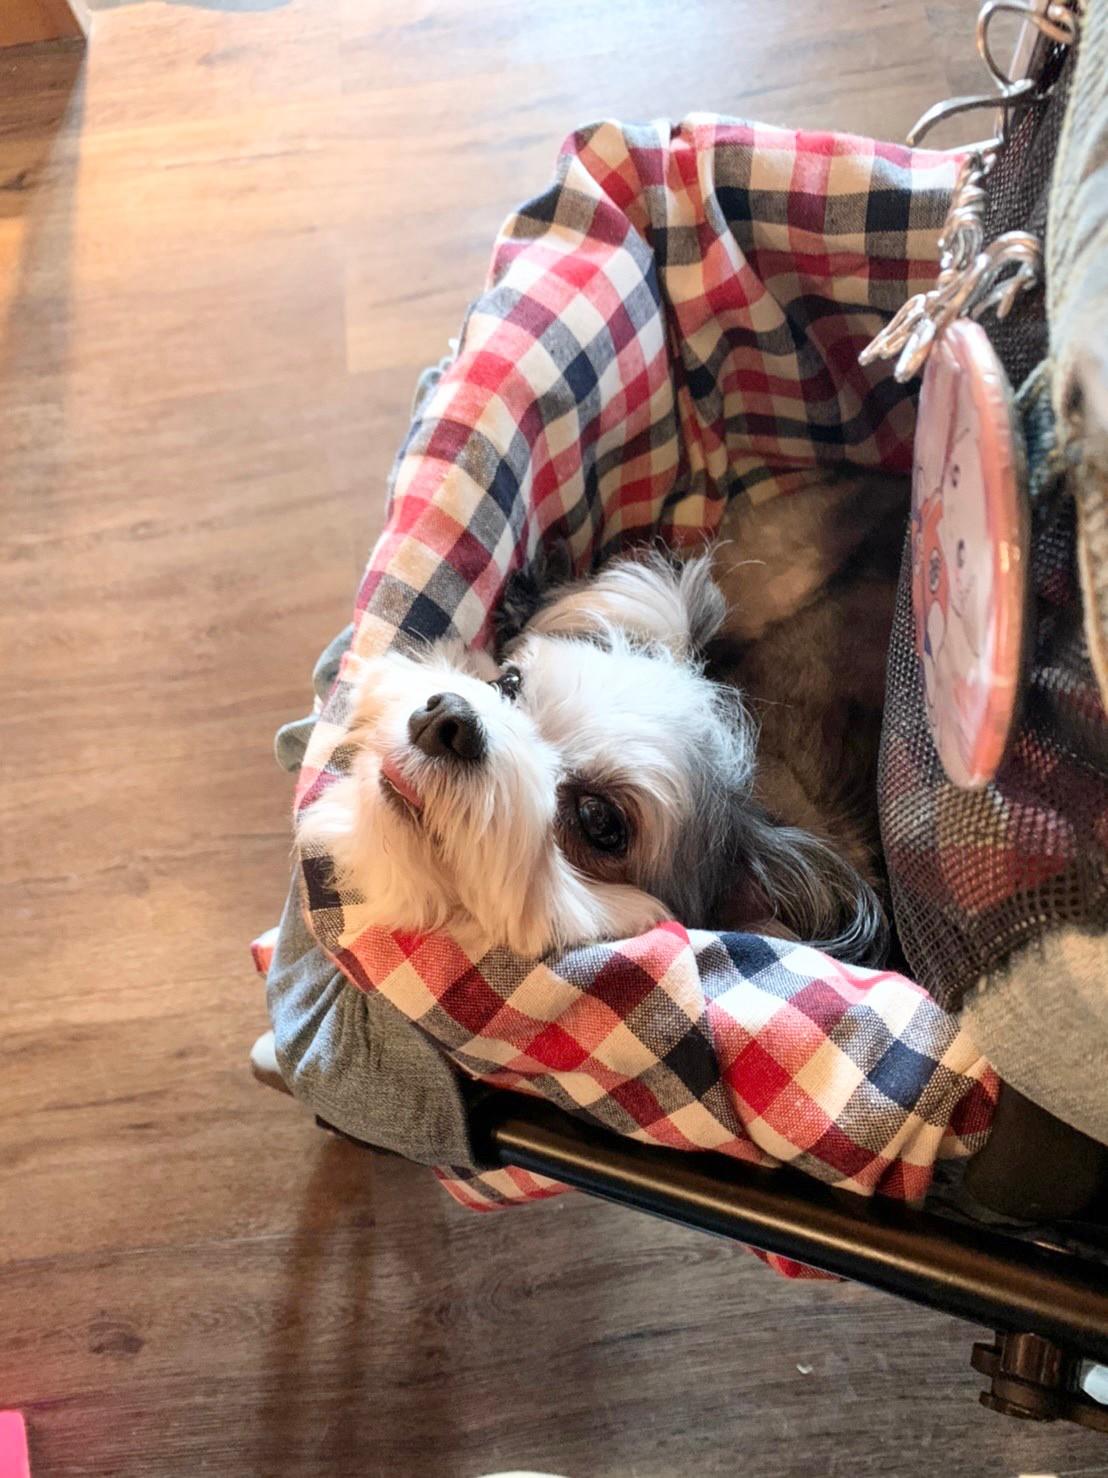 チワワとマルチーズのミックス犬・太郎君がカートに乗っている様子